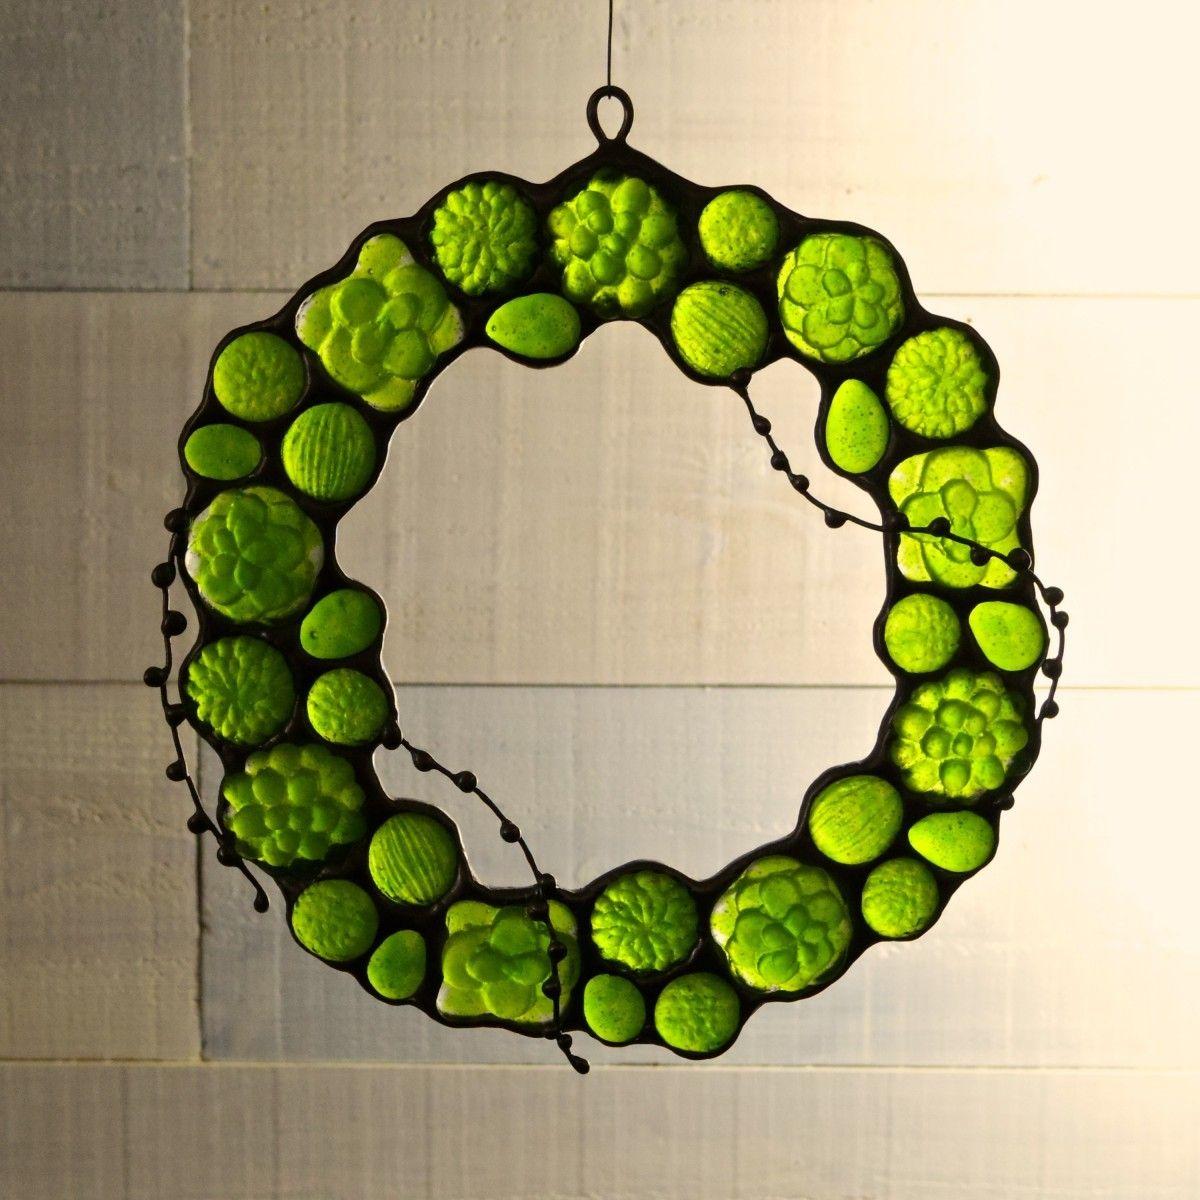 ガラスのリース[多肉植物]Lの画像1枚目